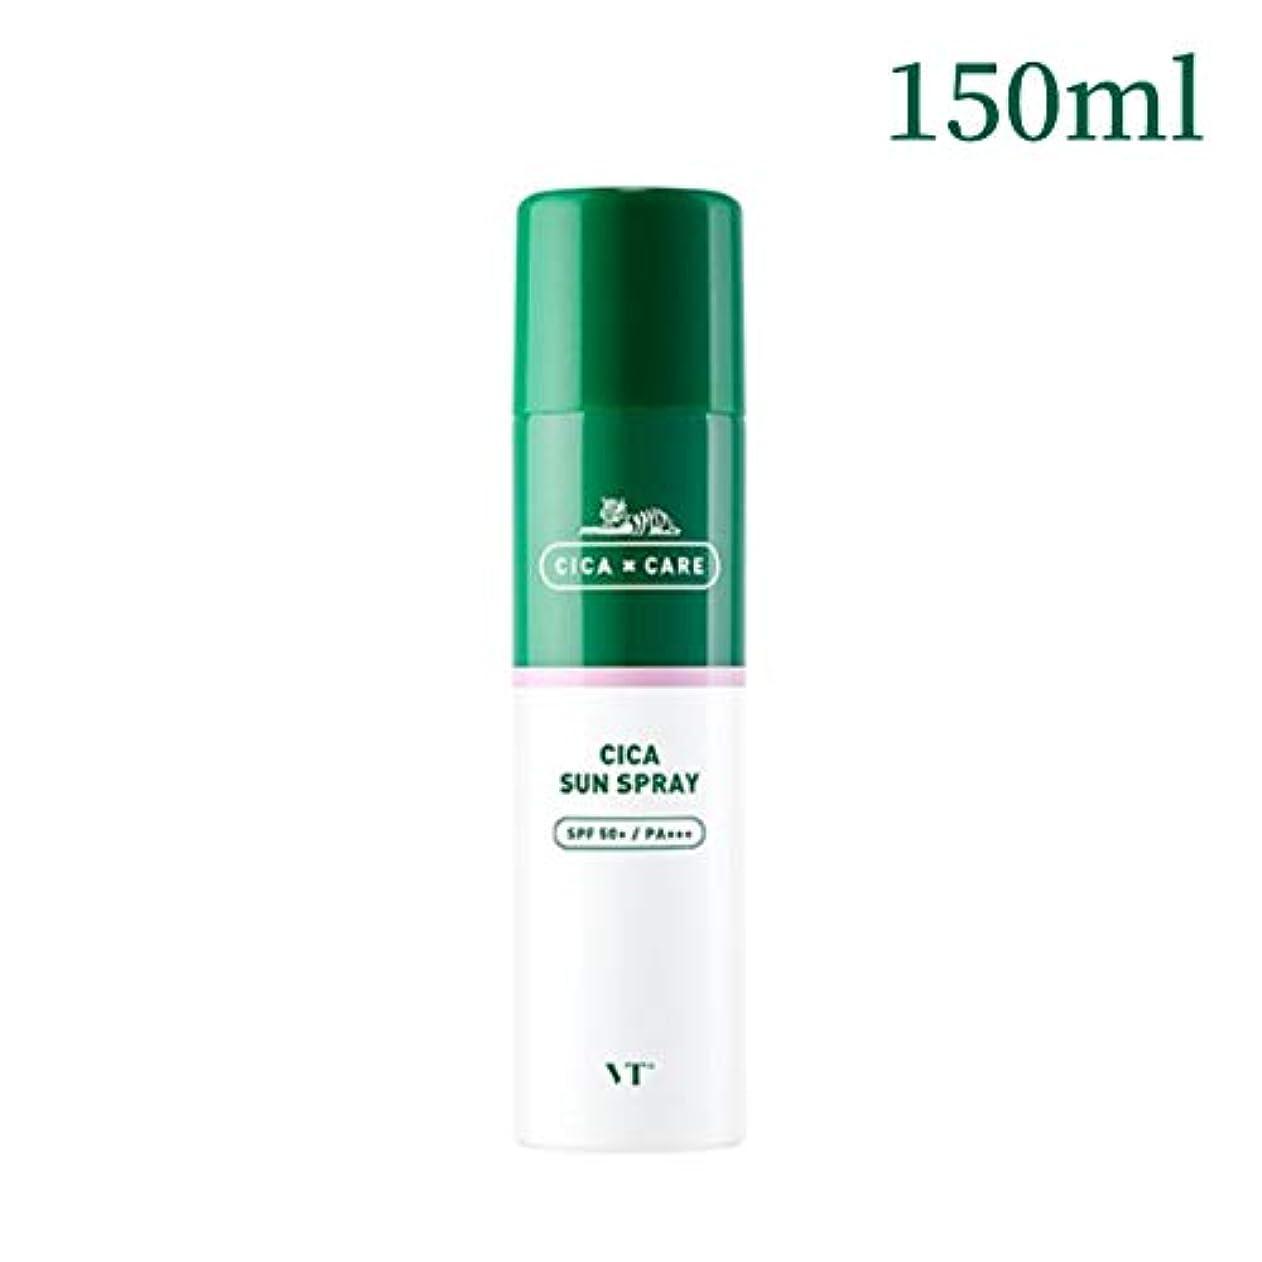 解読するダイアクリティカルヒギンズVT Cosmetis CICAサンスプレー 150ml